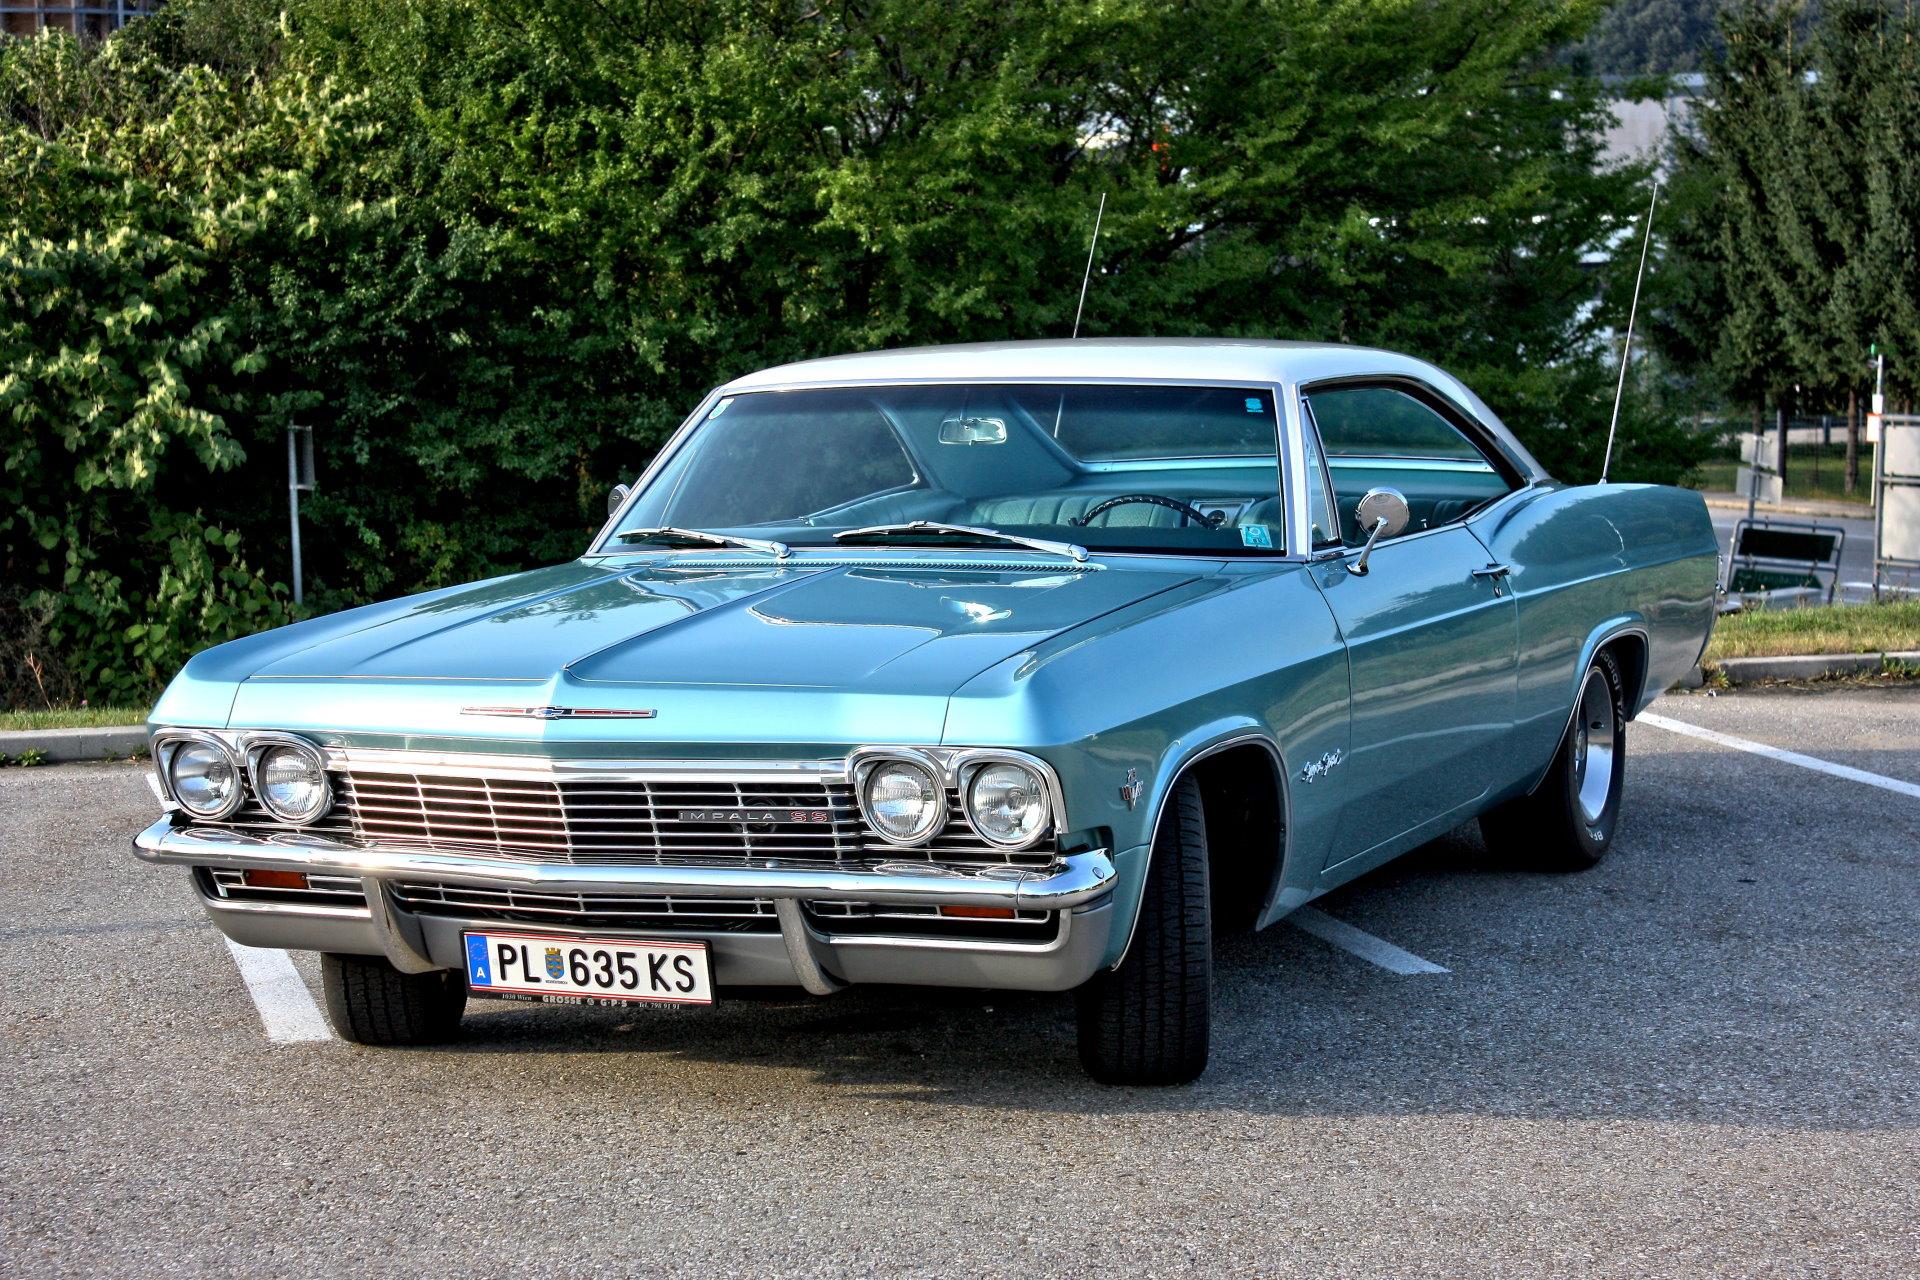 classics chevrolet impala diesen legend ren us oldtimer k nnen sie bei uns f r eine. Black Bedroom Furniture Sets. Home Design Ideas